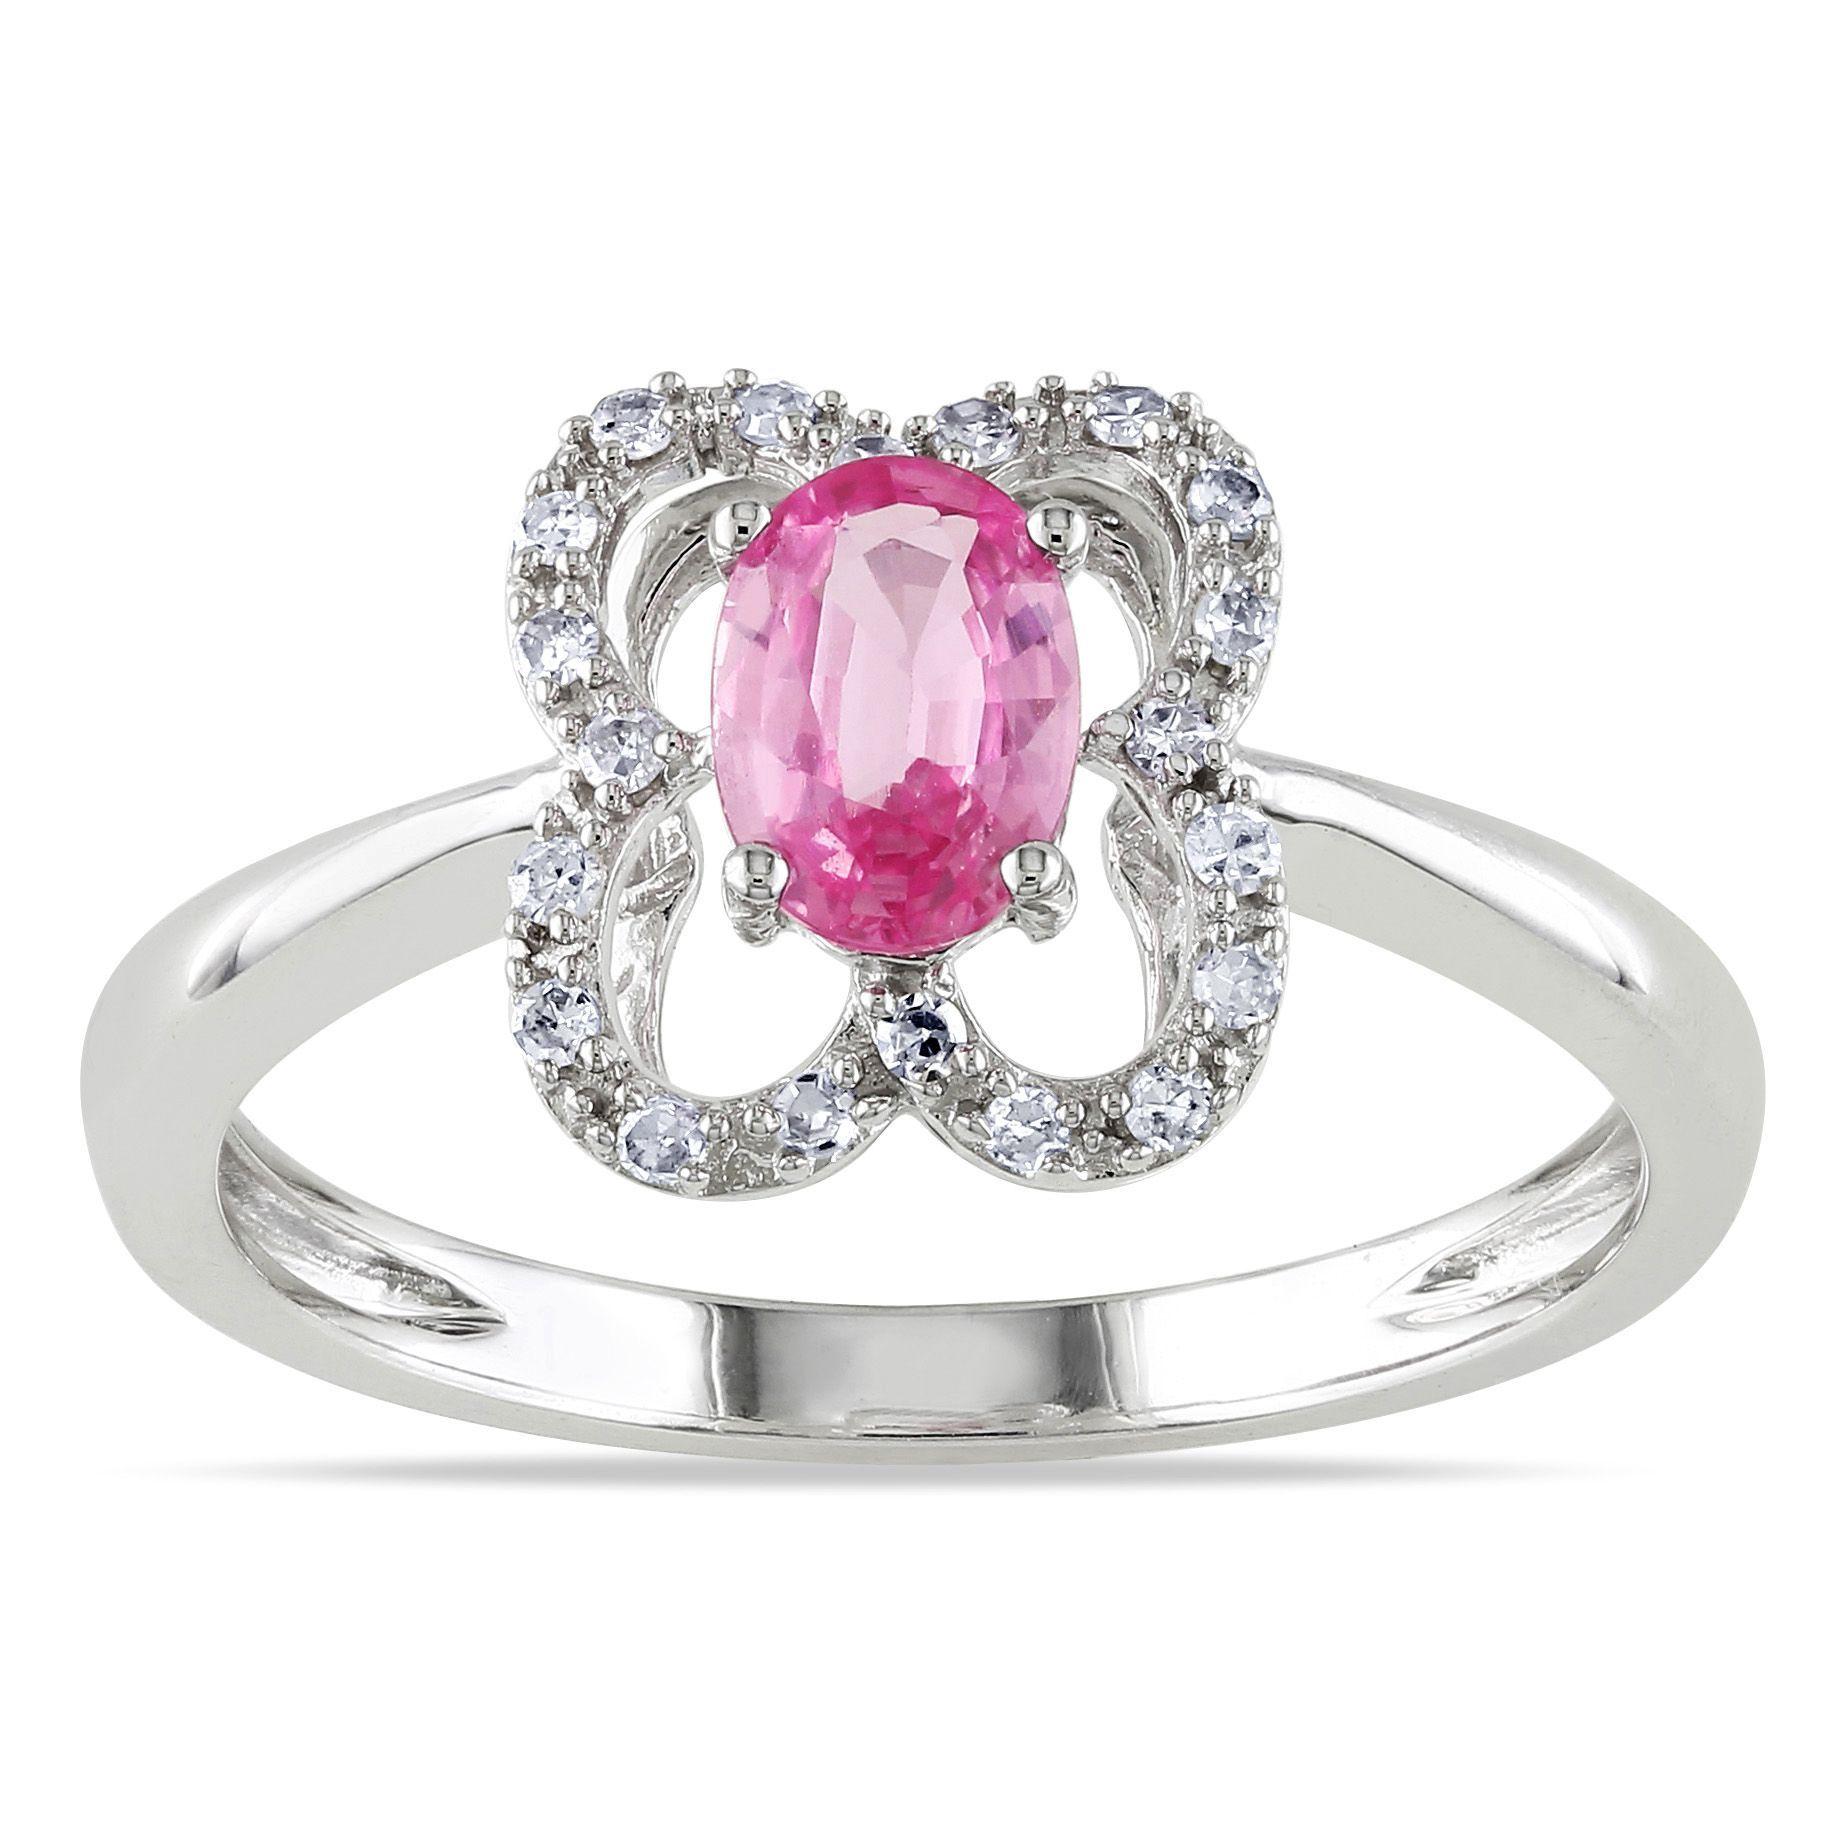 Miadora signature collection 14k white gold 1ct tdw diamond double row - Miadora 10k White Gold Pink Sapphire 1 10ct Tdw Diamond Ring G H I1